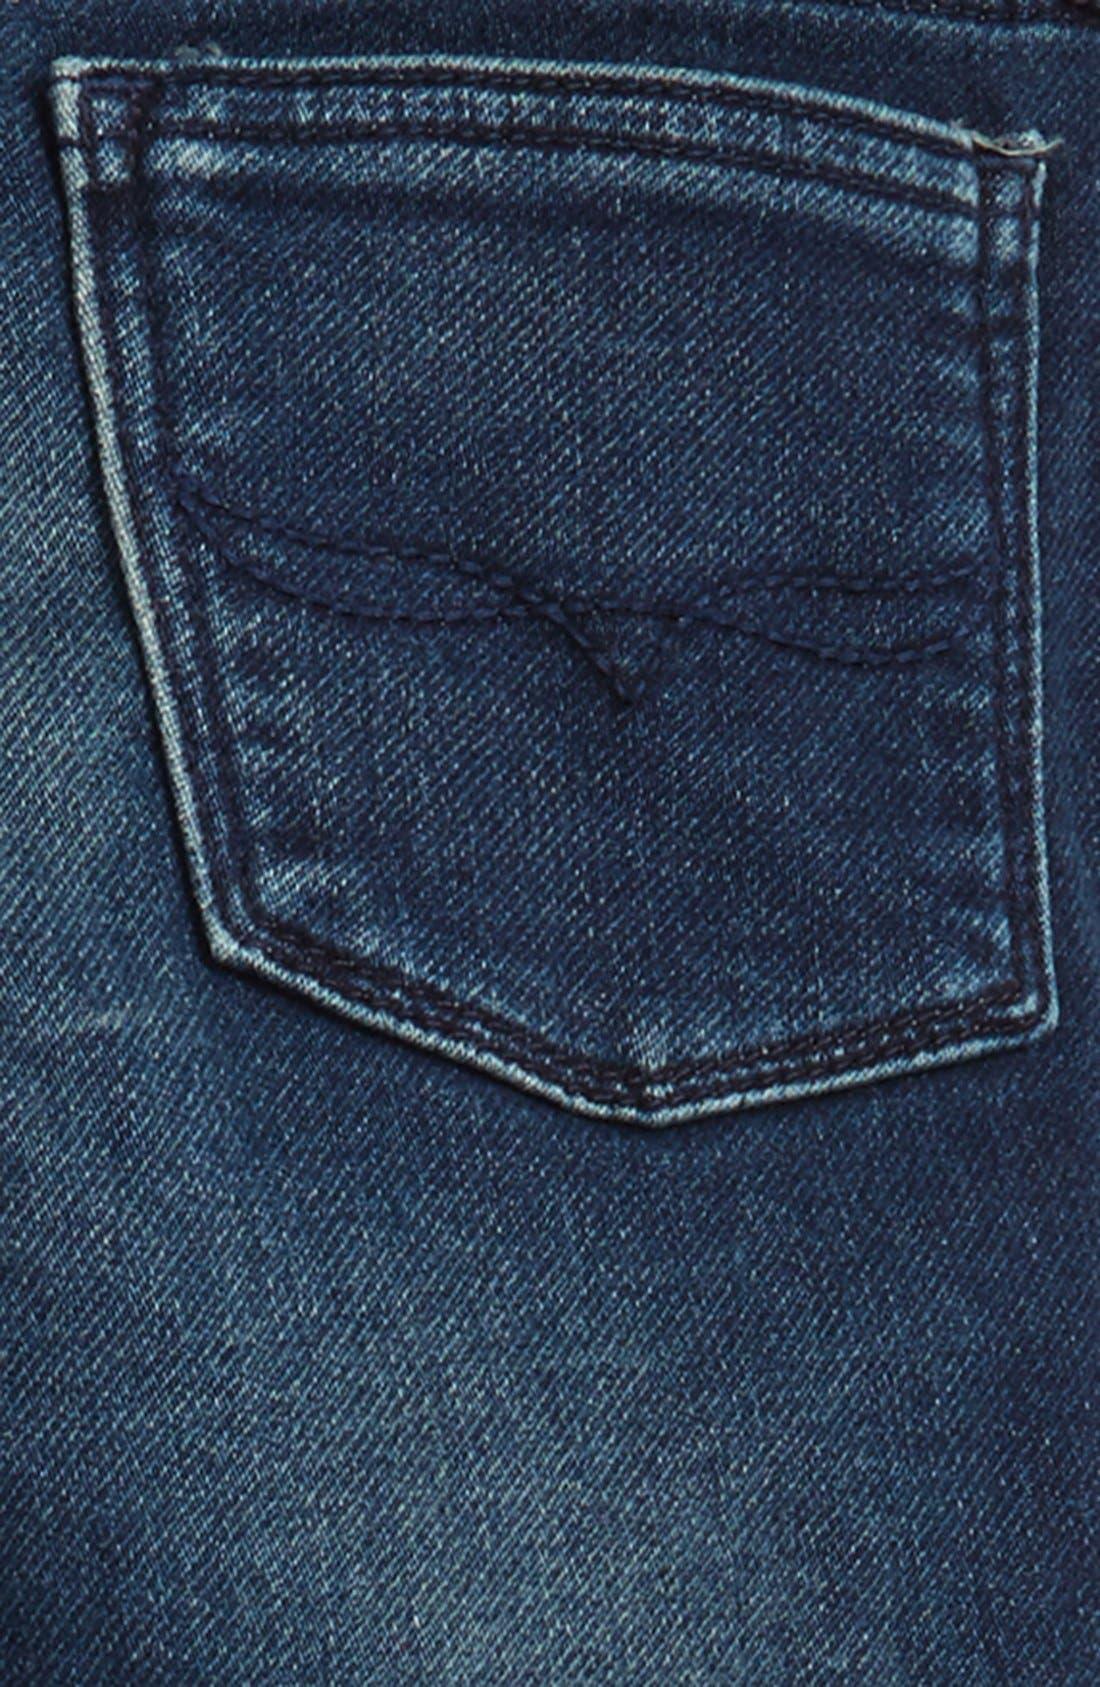 Alternate Image 4  - Ralph Lauren Moto Skinny Jeans (Toddler Girls & Little Girls)